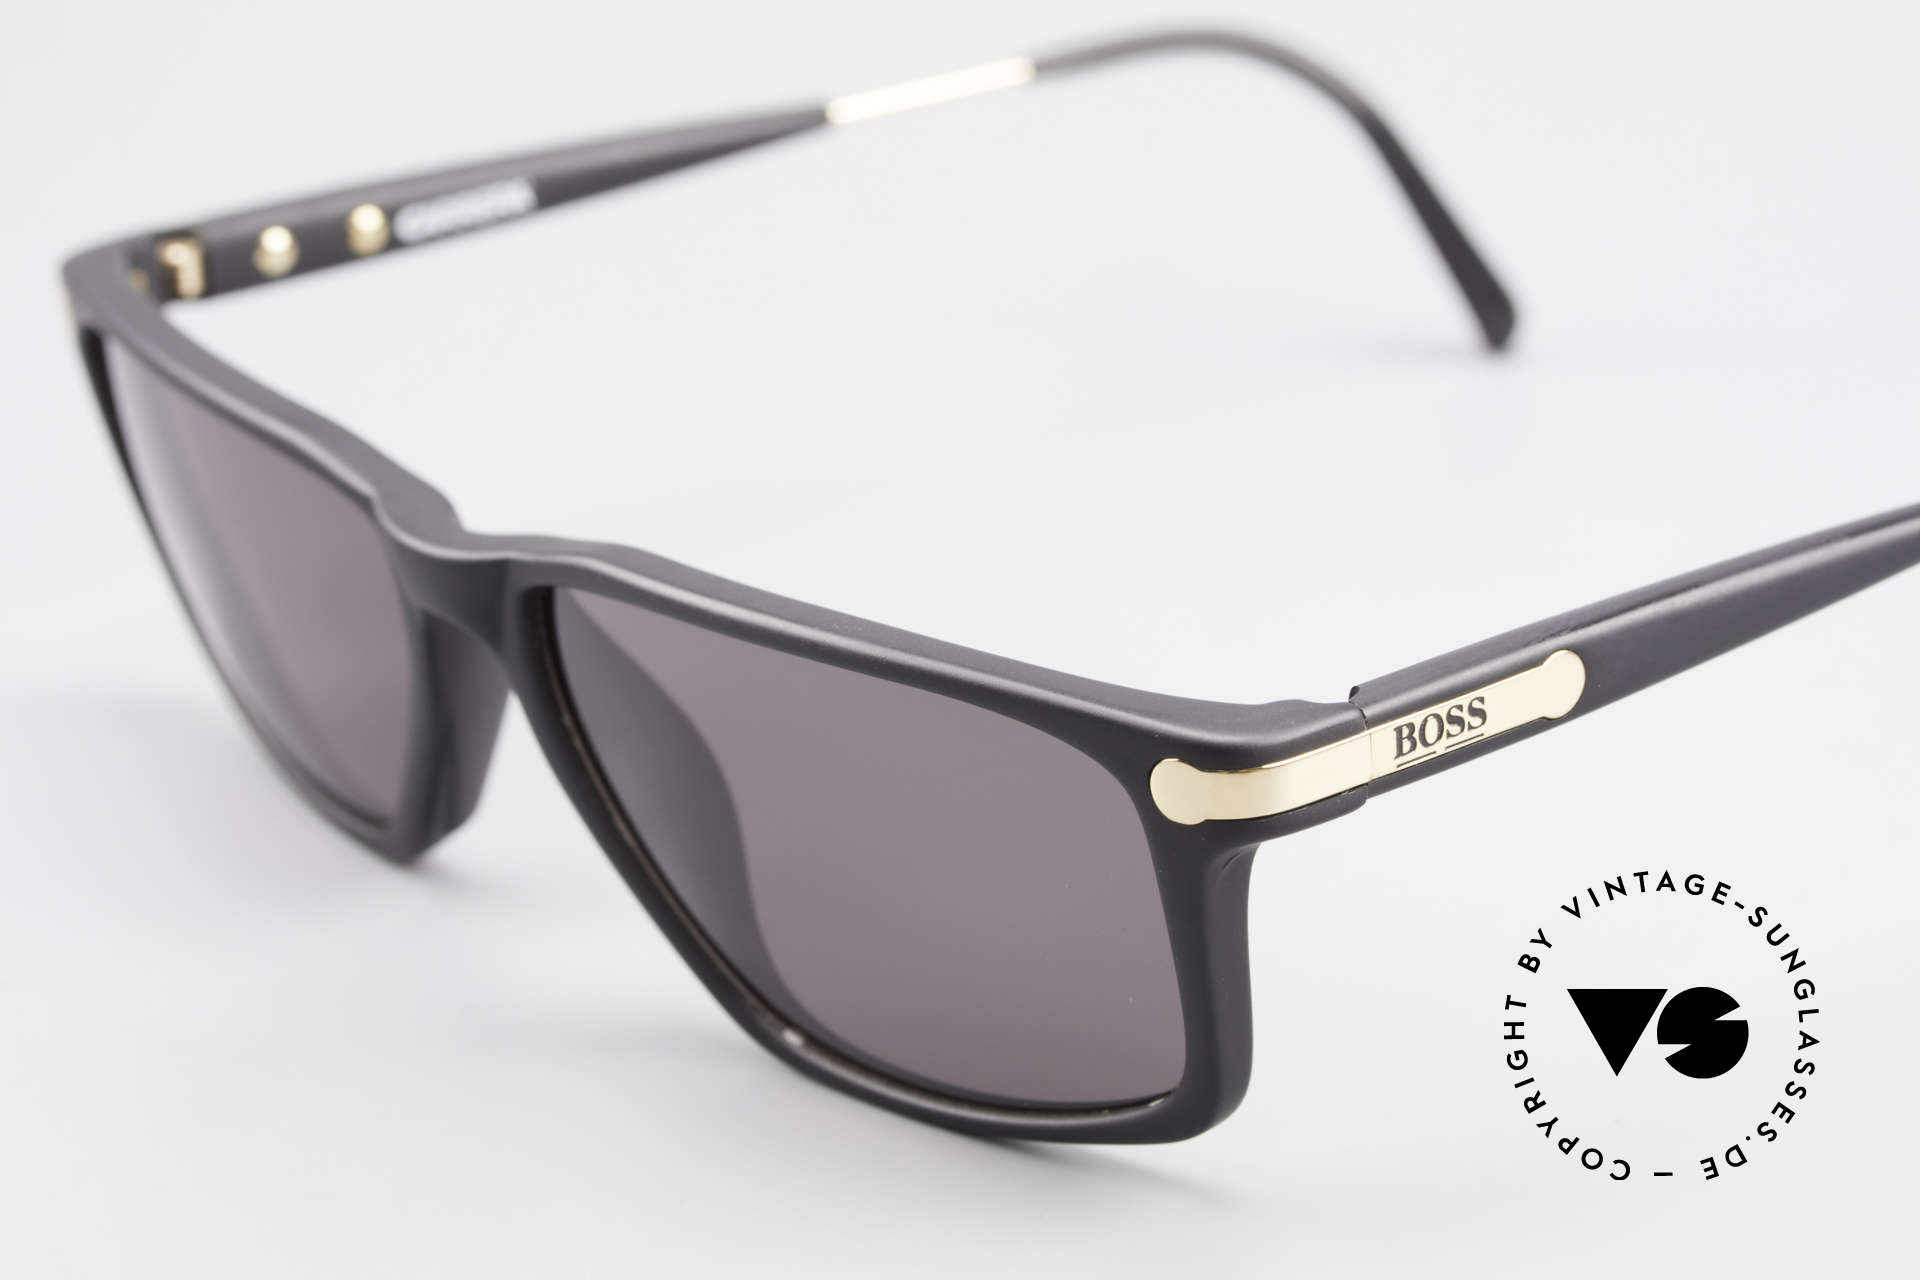 BOSS 5174 Vintage Sonnenbrille Eckig, zudem zeitlose Rahmengestaltung in schwarz & gold, Passend für Herren